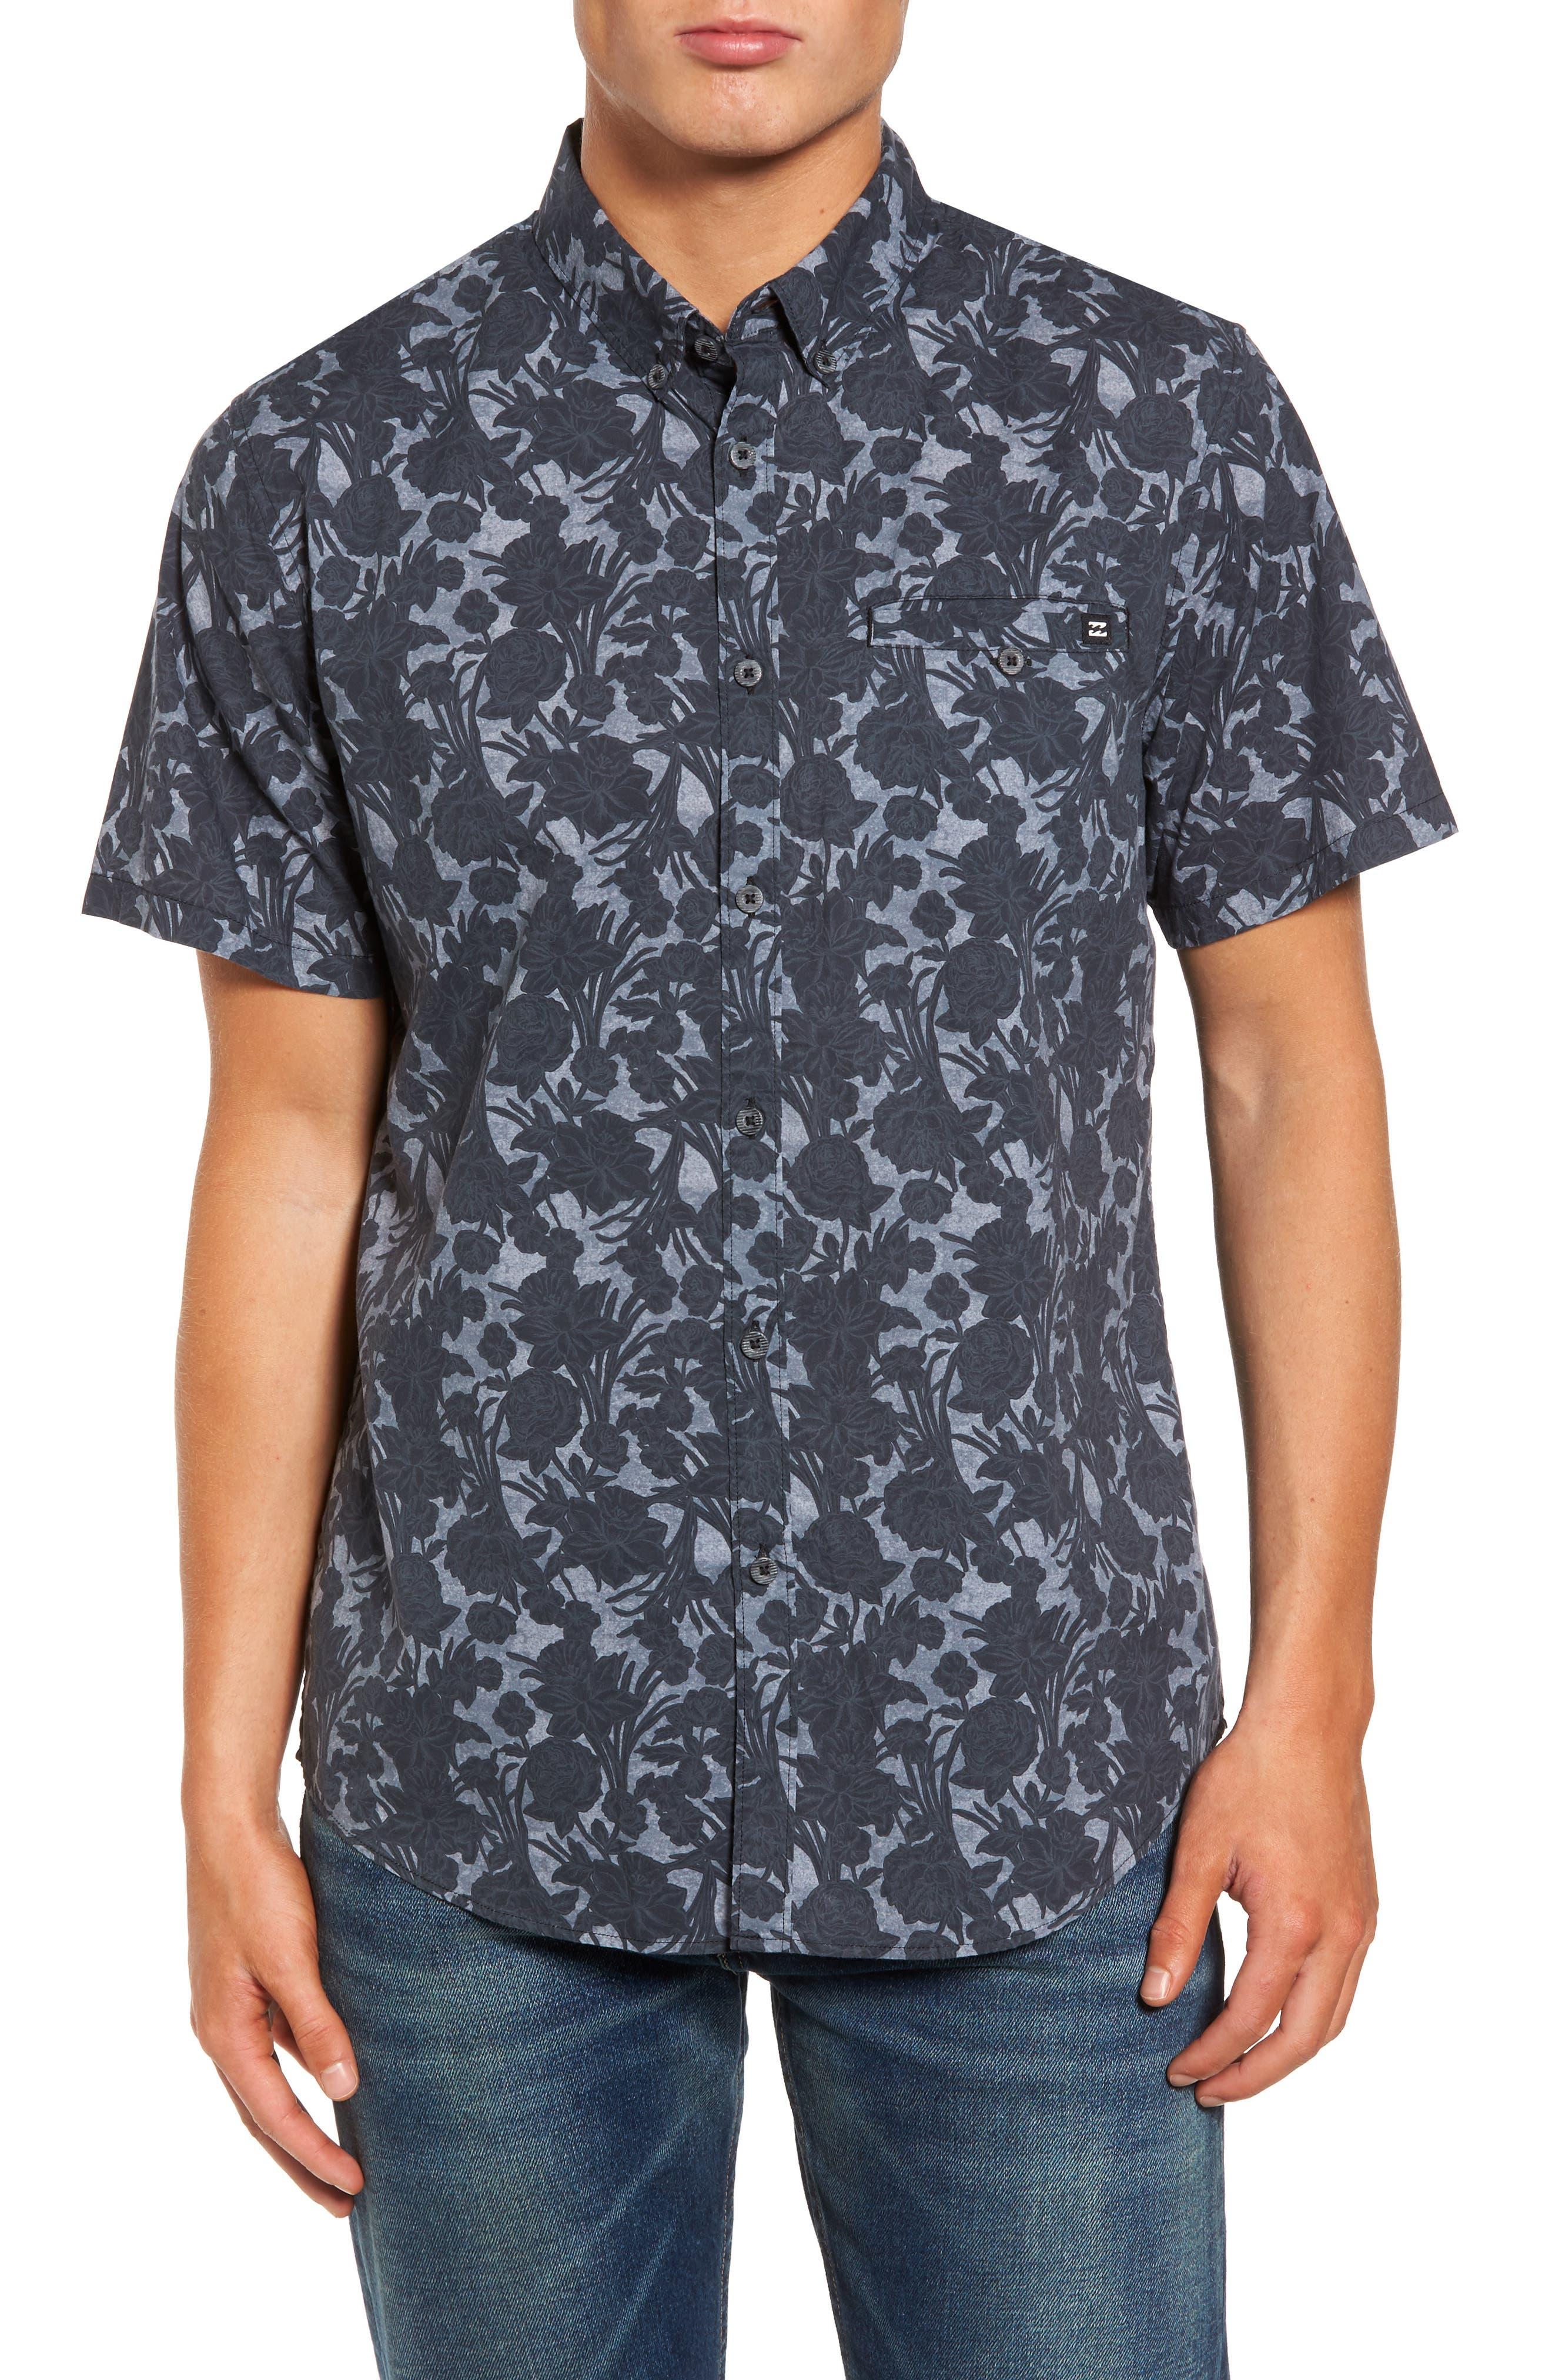 Sunday Woven Shirt,                             Main thumbnail 1, color,                             001